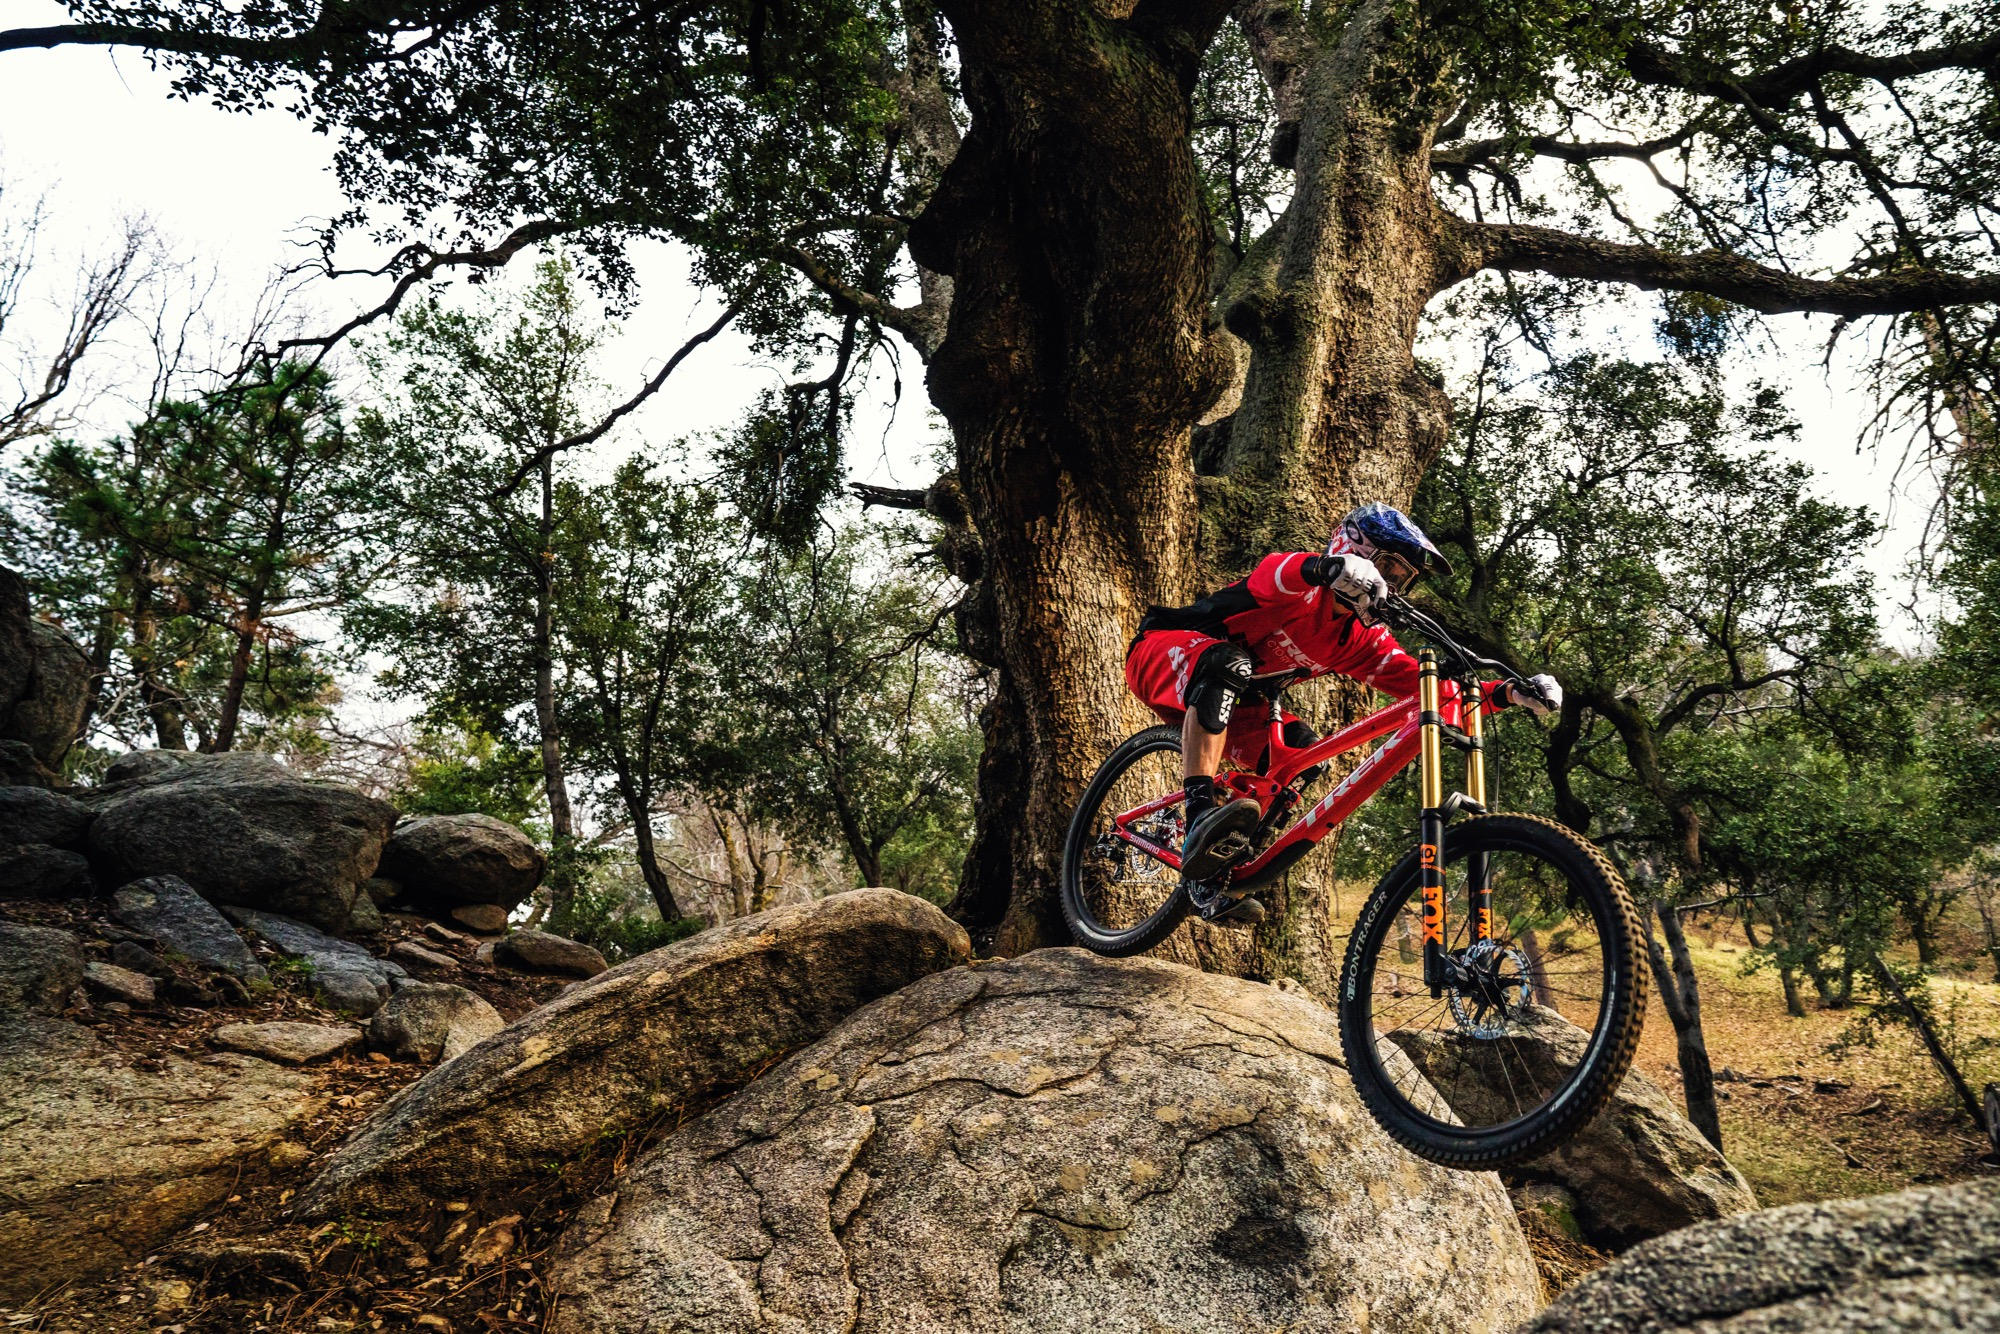 Trek Announces New 29er Session 9 9 Dh Bike Singletracks